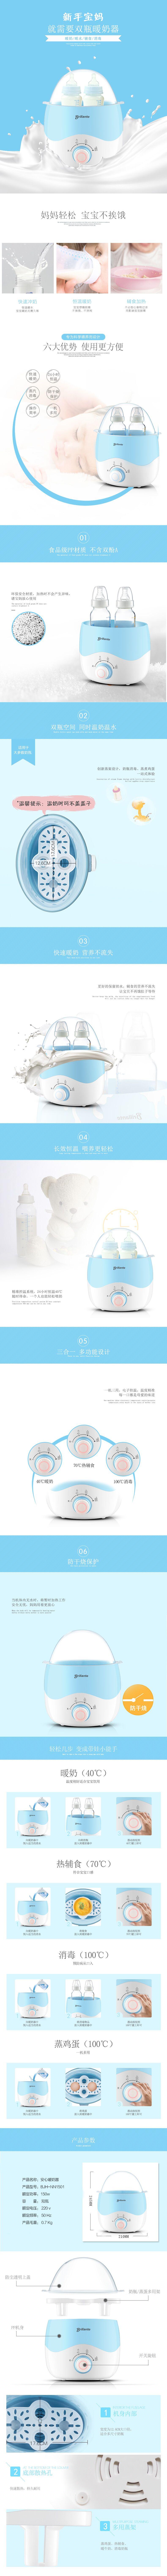 暖奶器1501詳情頁.jpg